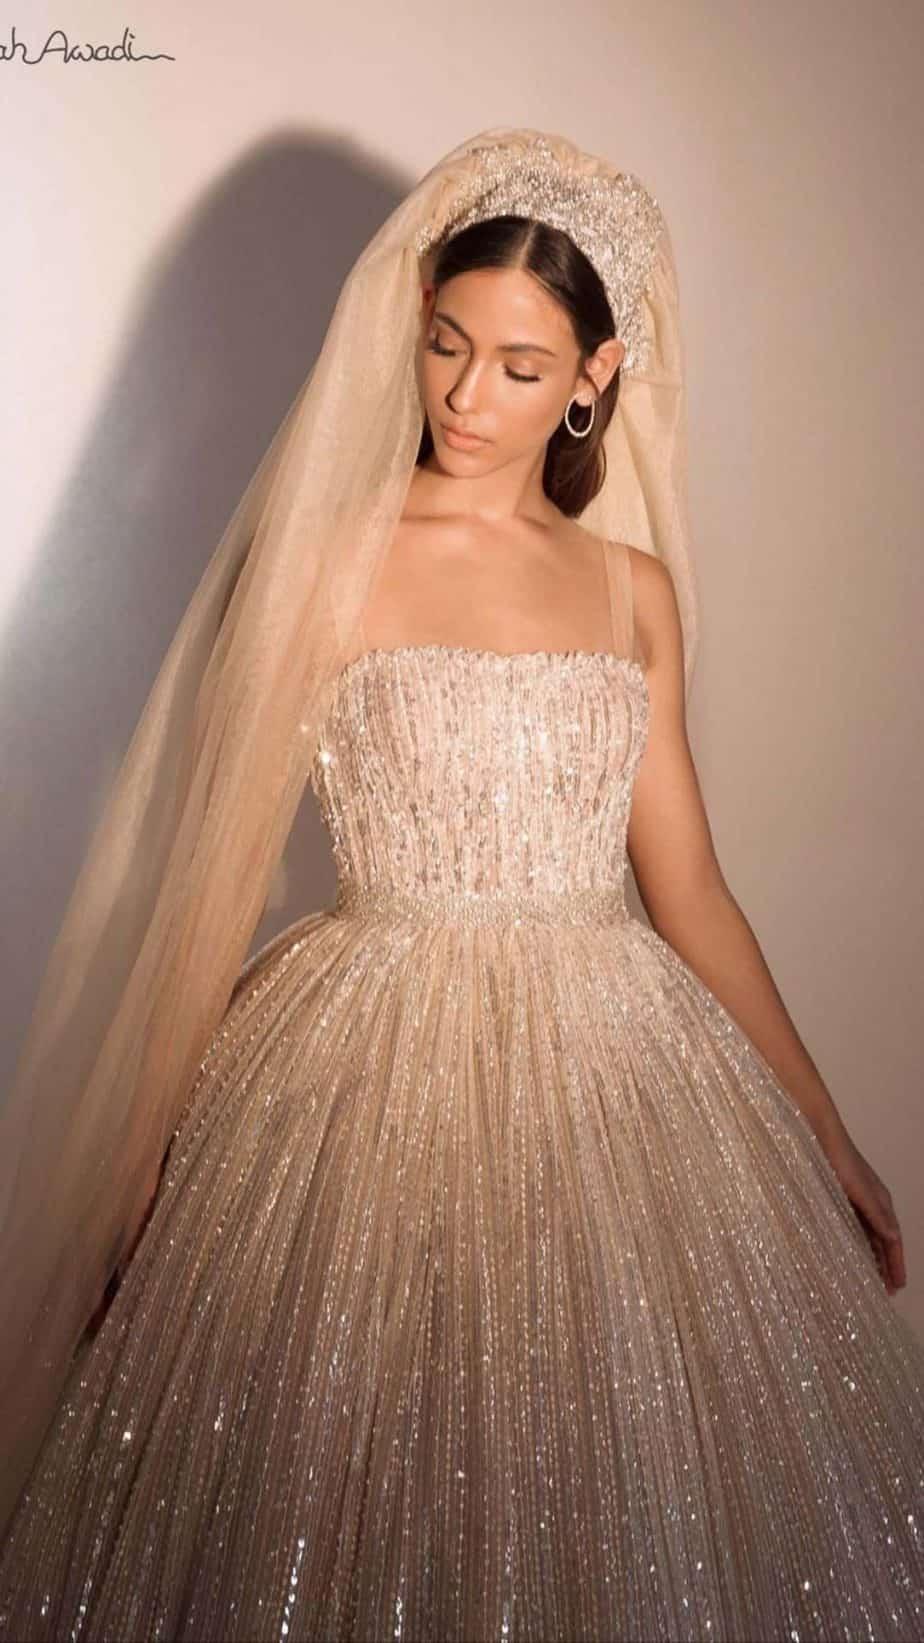 קולקציית שמלות כלה צנועות של איה עפיף עוואדי, קולקציית שמלות ערב צנעות של איה עפיף עוואדי - 1 3בתמונה קולקציית שמלות כלה צנועות של איה עפיף עוואדי, קולקציית שמלות ערב צנעות של איה עפיף עוואדי - 1 74